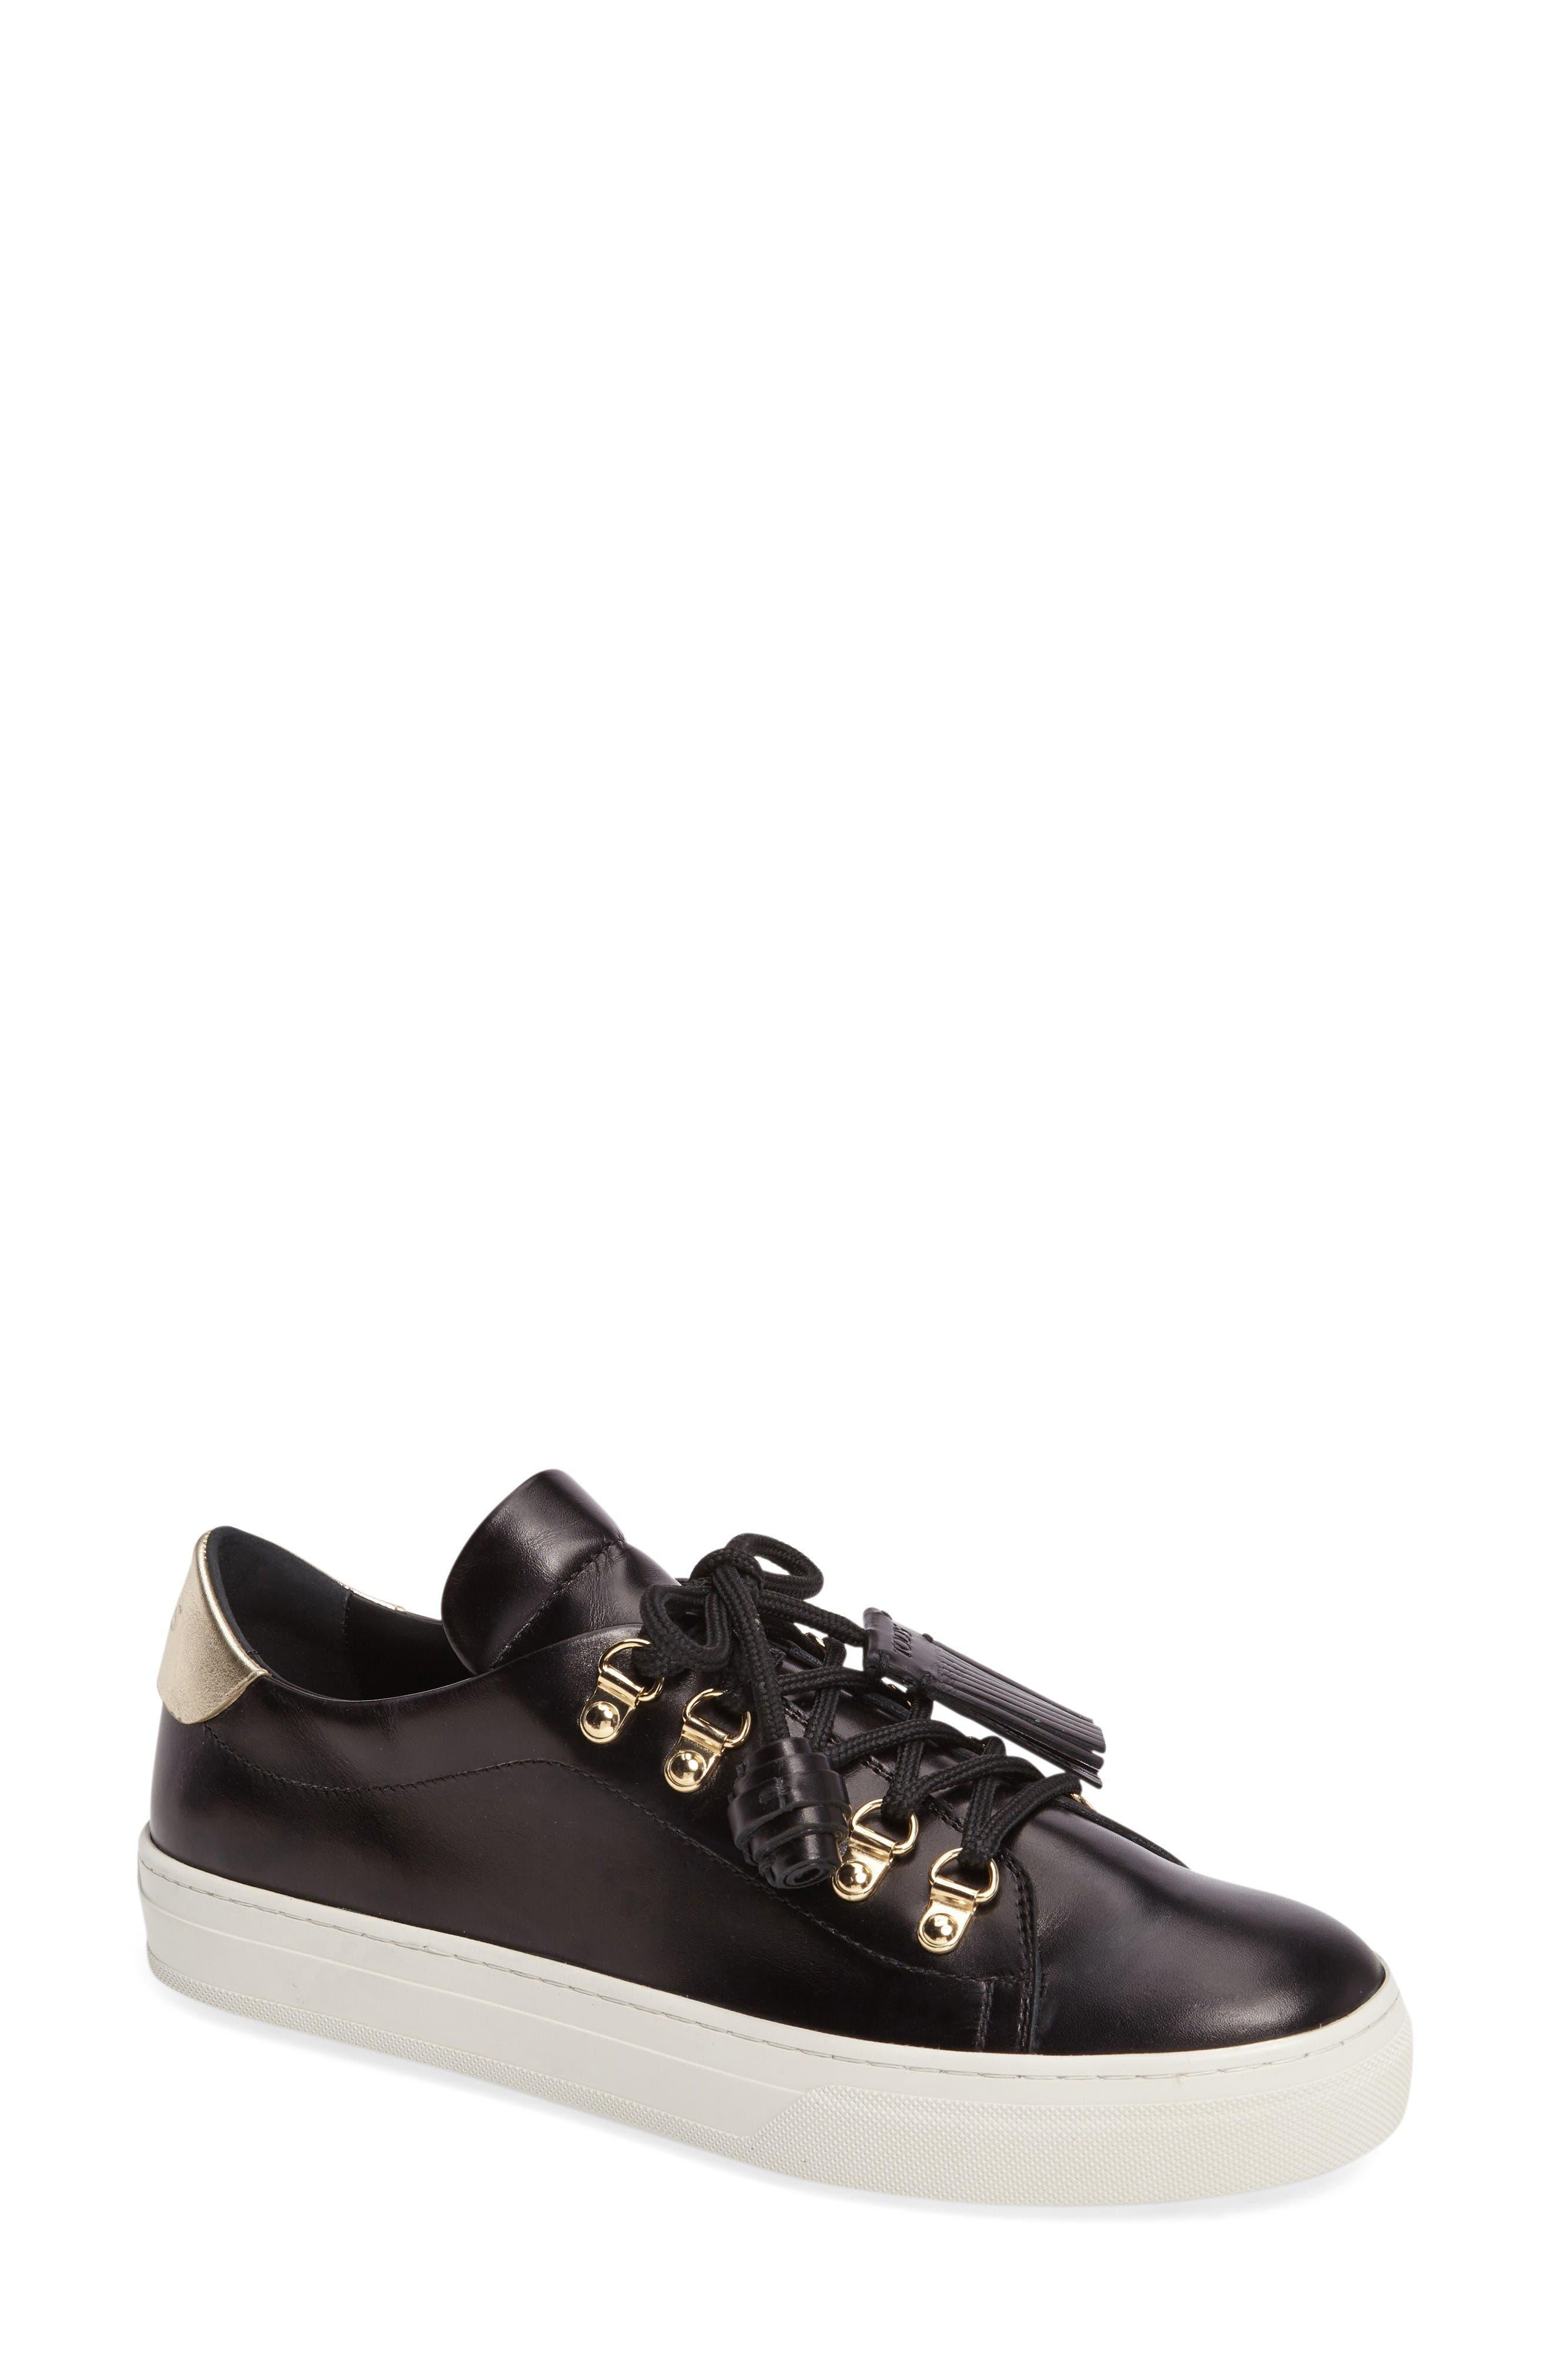 Tod's Hiker Sneaker (Women)